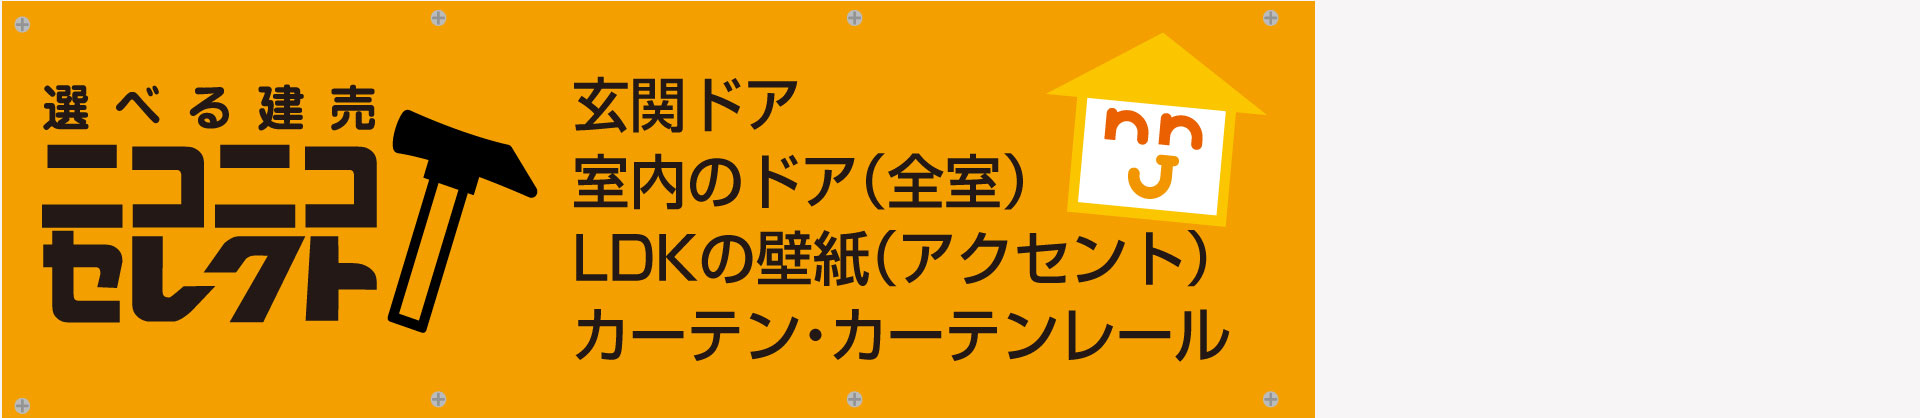 ニコニコ住宅 長岡市曲新町新築分譲住宅 ニコニコセレクト ドアやクロスとか選べちゃう!